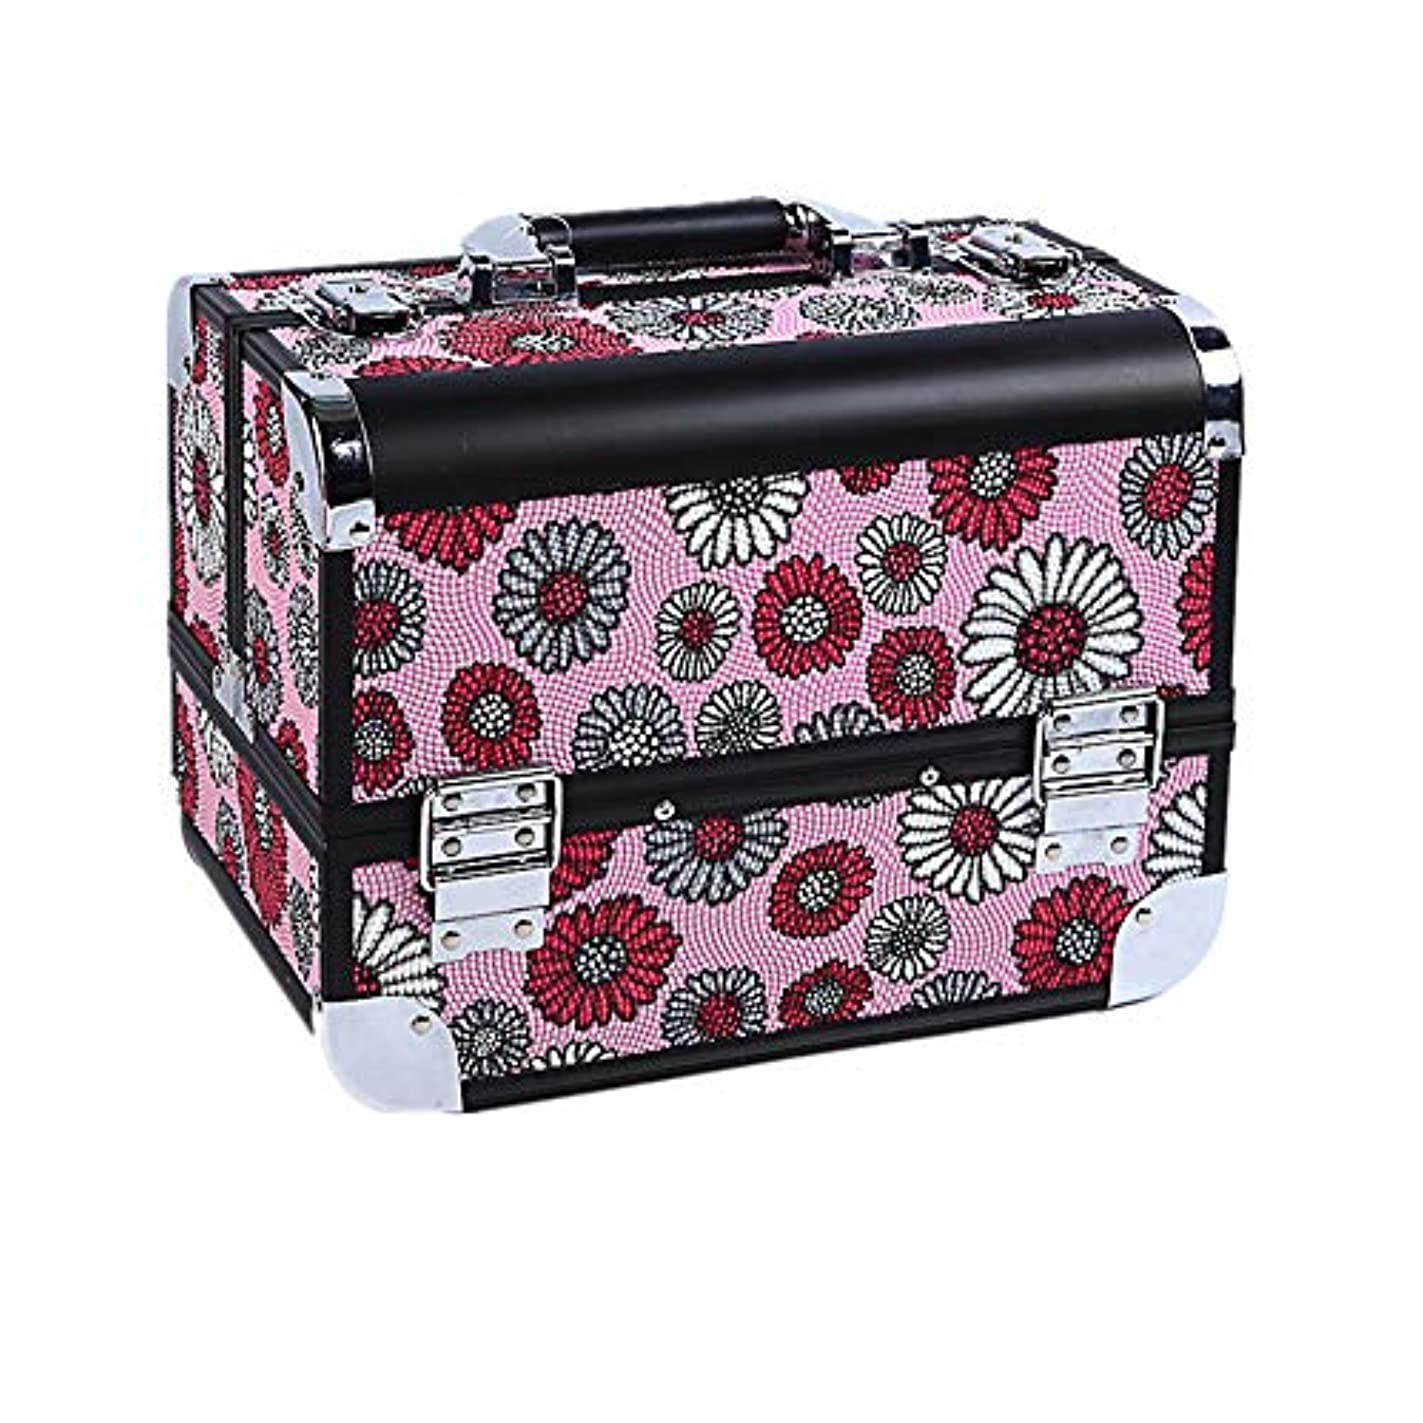 化粧オーガナイザーバッグ 大容量ポータブルアルミ合金旅行化粧品美容メイクアップ化粧ケースひまわりのパターンと折り畳みトレイ 化粧品ケース